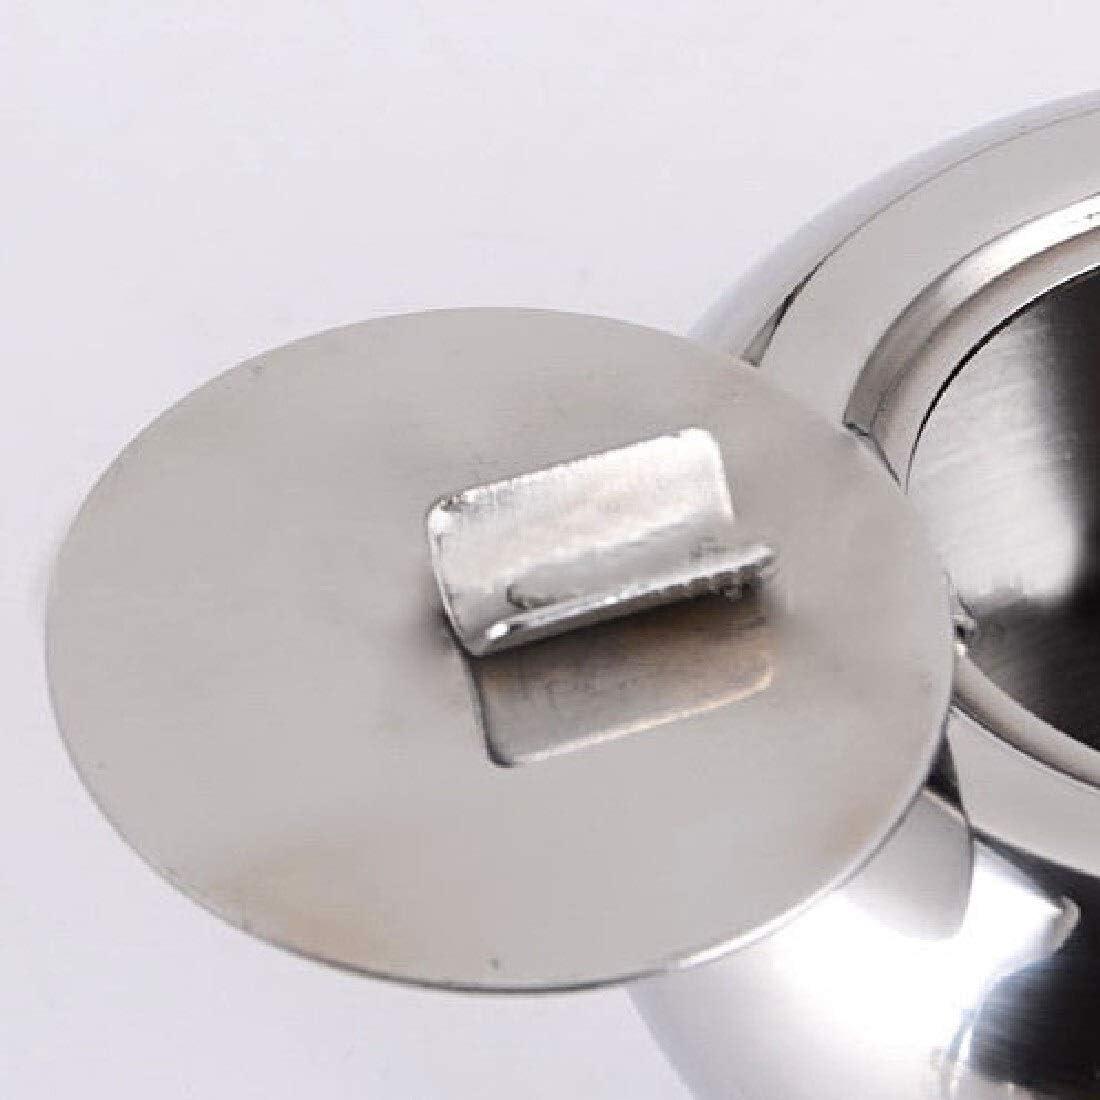 3/°Amy Cendrier de Voiture Portable Forme Tambour cr/éatif en acier inoxydable Couvercle Cendrier avec couvercle de voiture Salon Bureau Cendrier Cigarette cigares sans fum/ée Cendrier